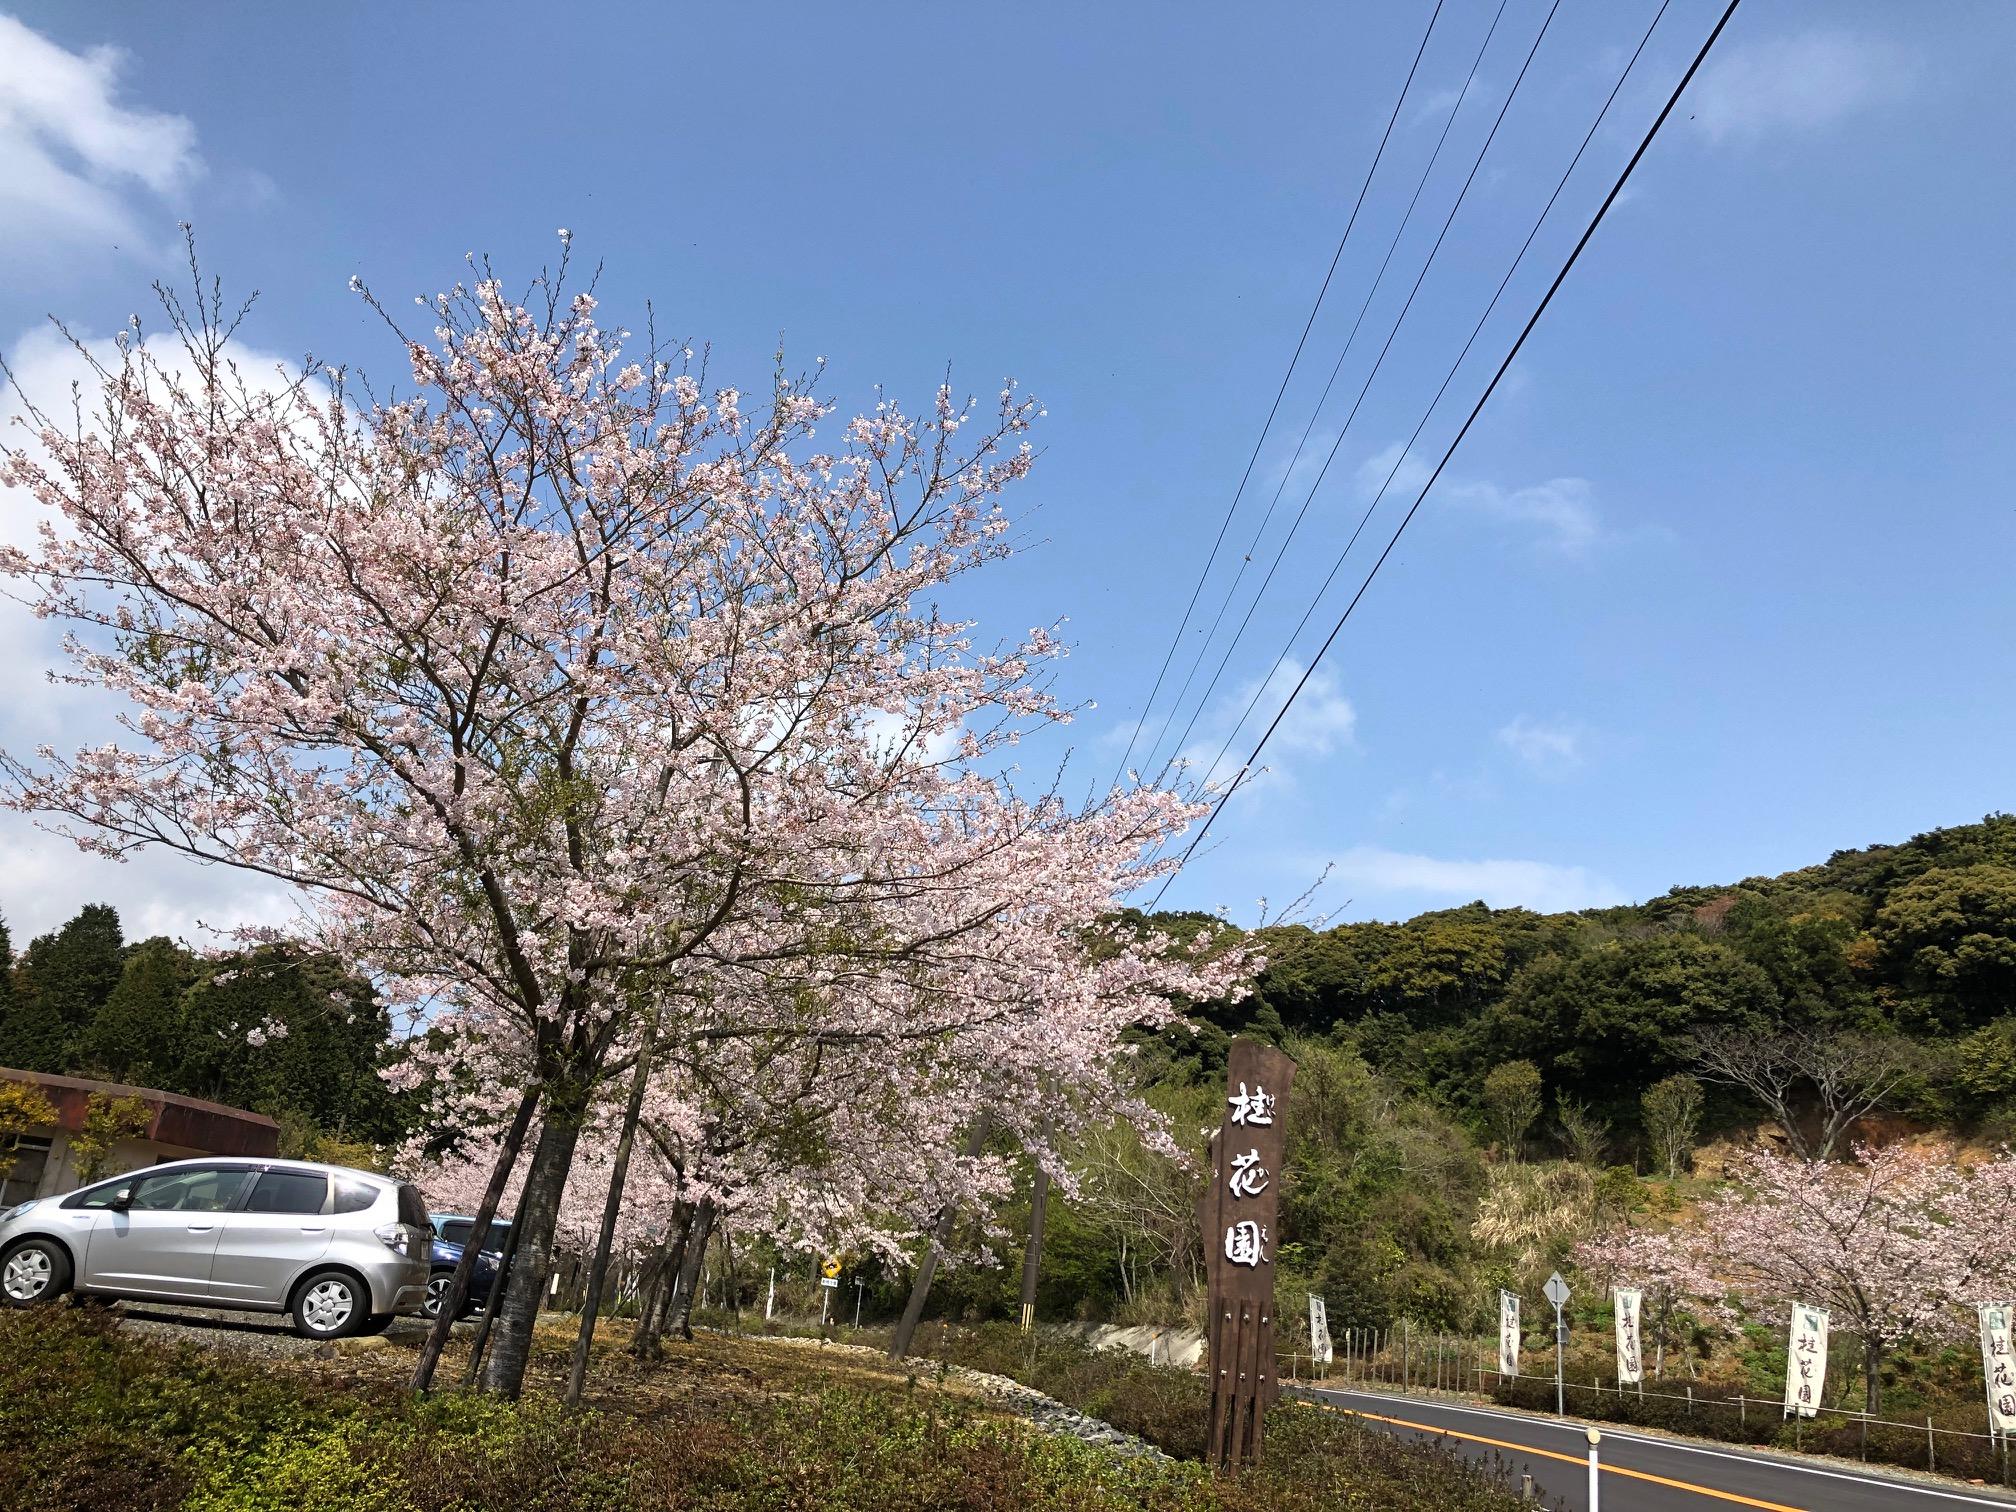 染井吉野が満開です。